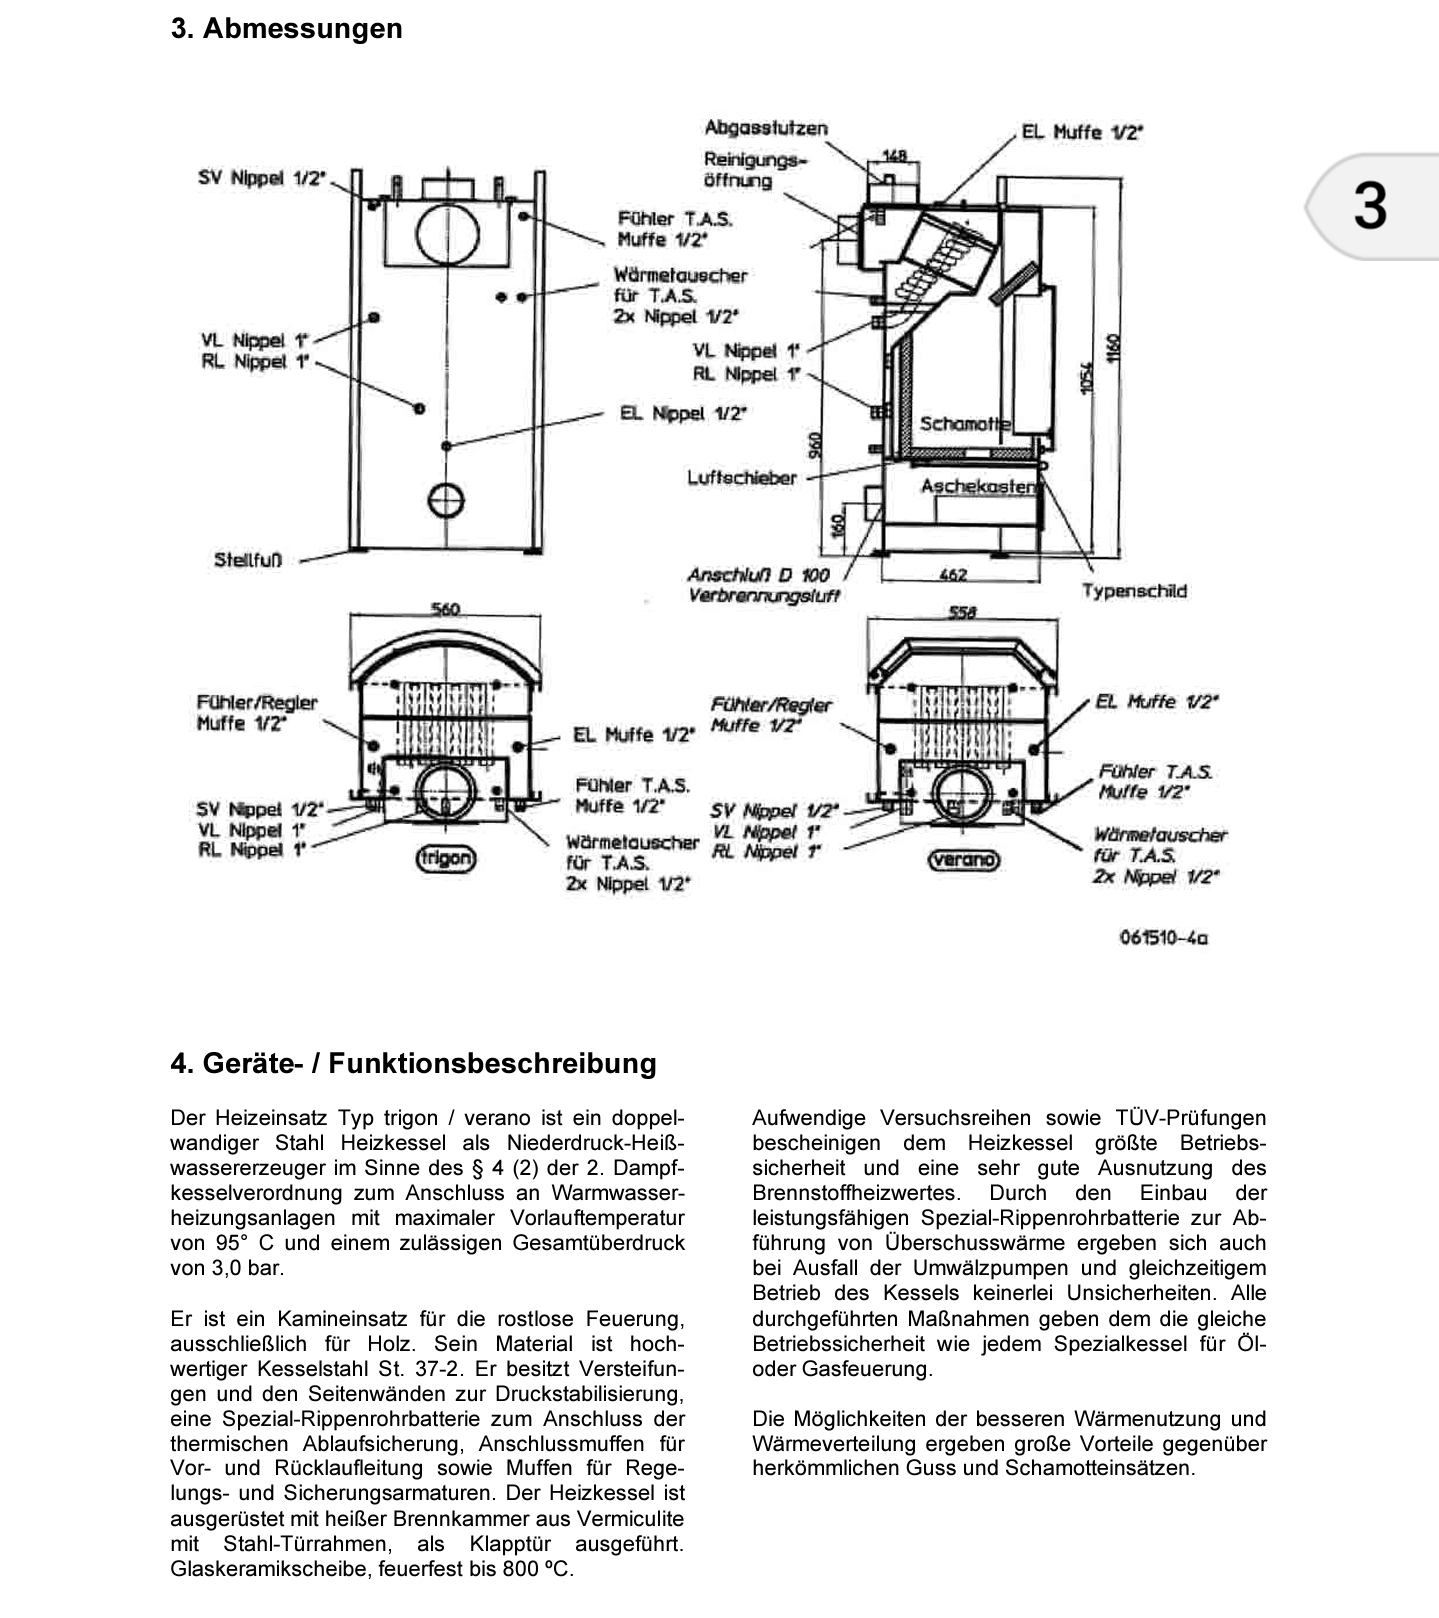 Wunderbar Teile Für Kessel Ideen - Elektrische Schaltplan-Ideen ...